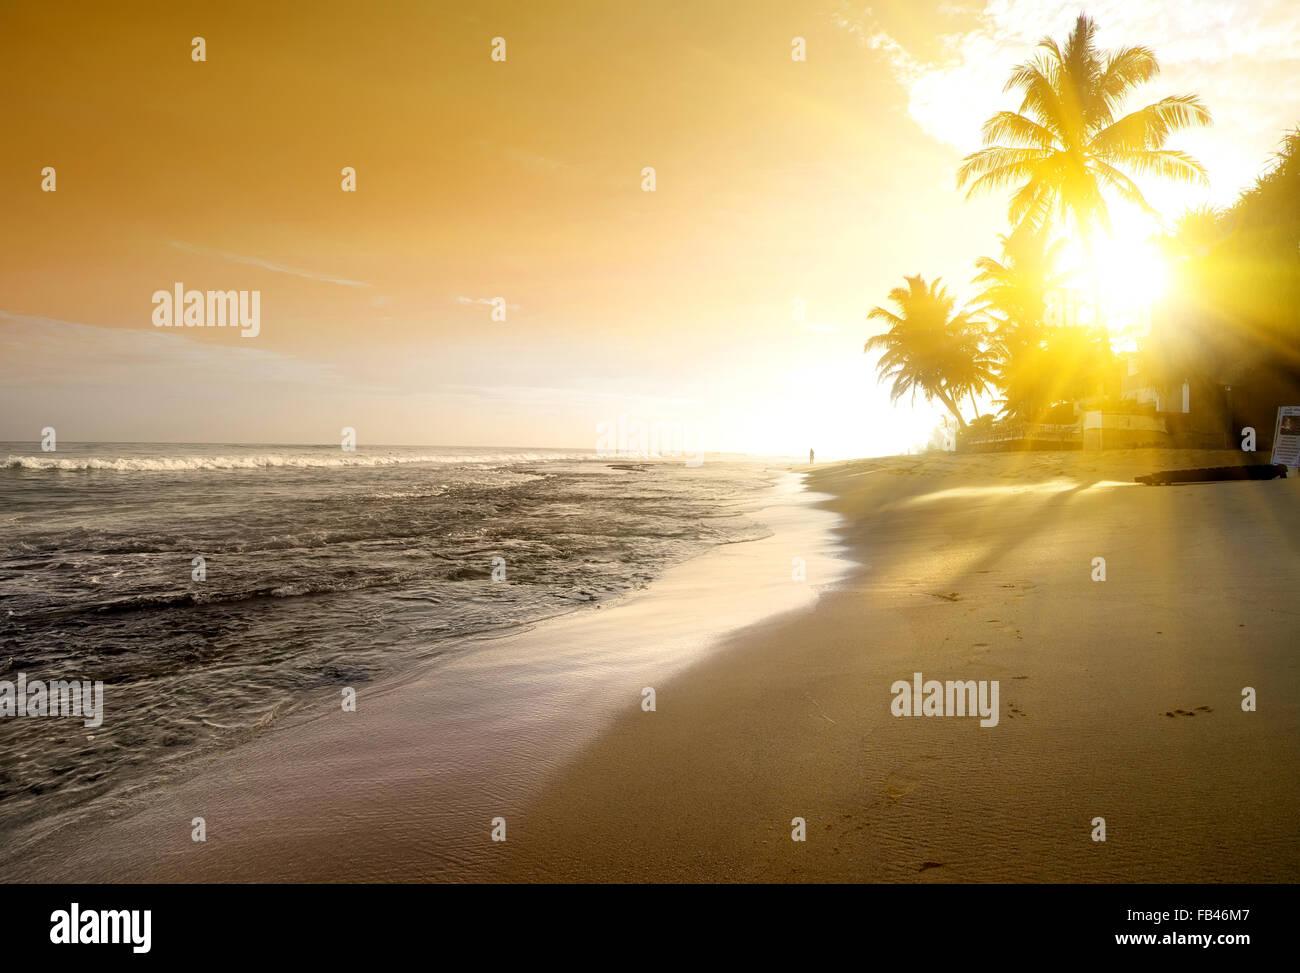 Cielo naranja sobre el océano y la playa de arena Imagen De Stock